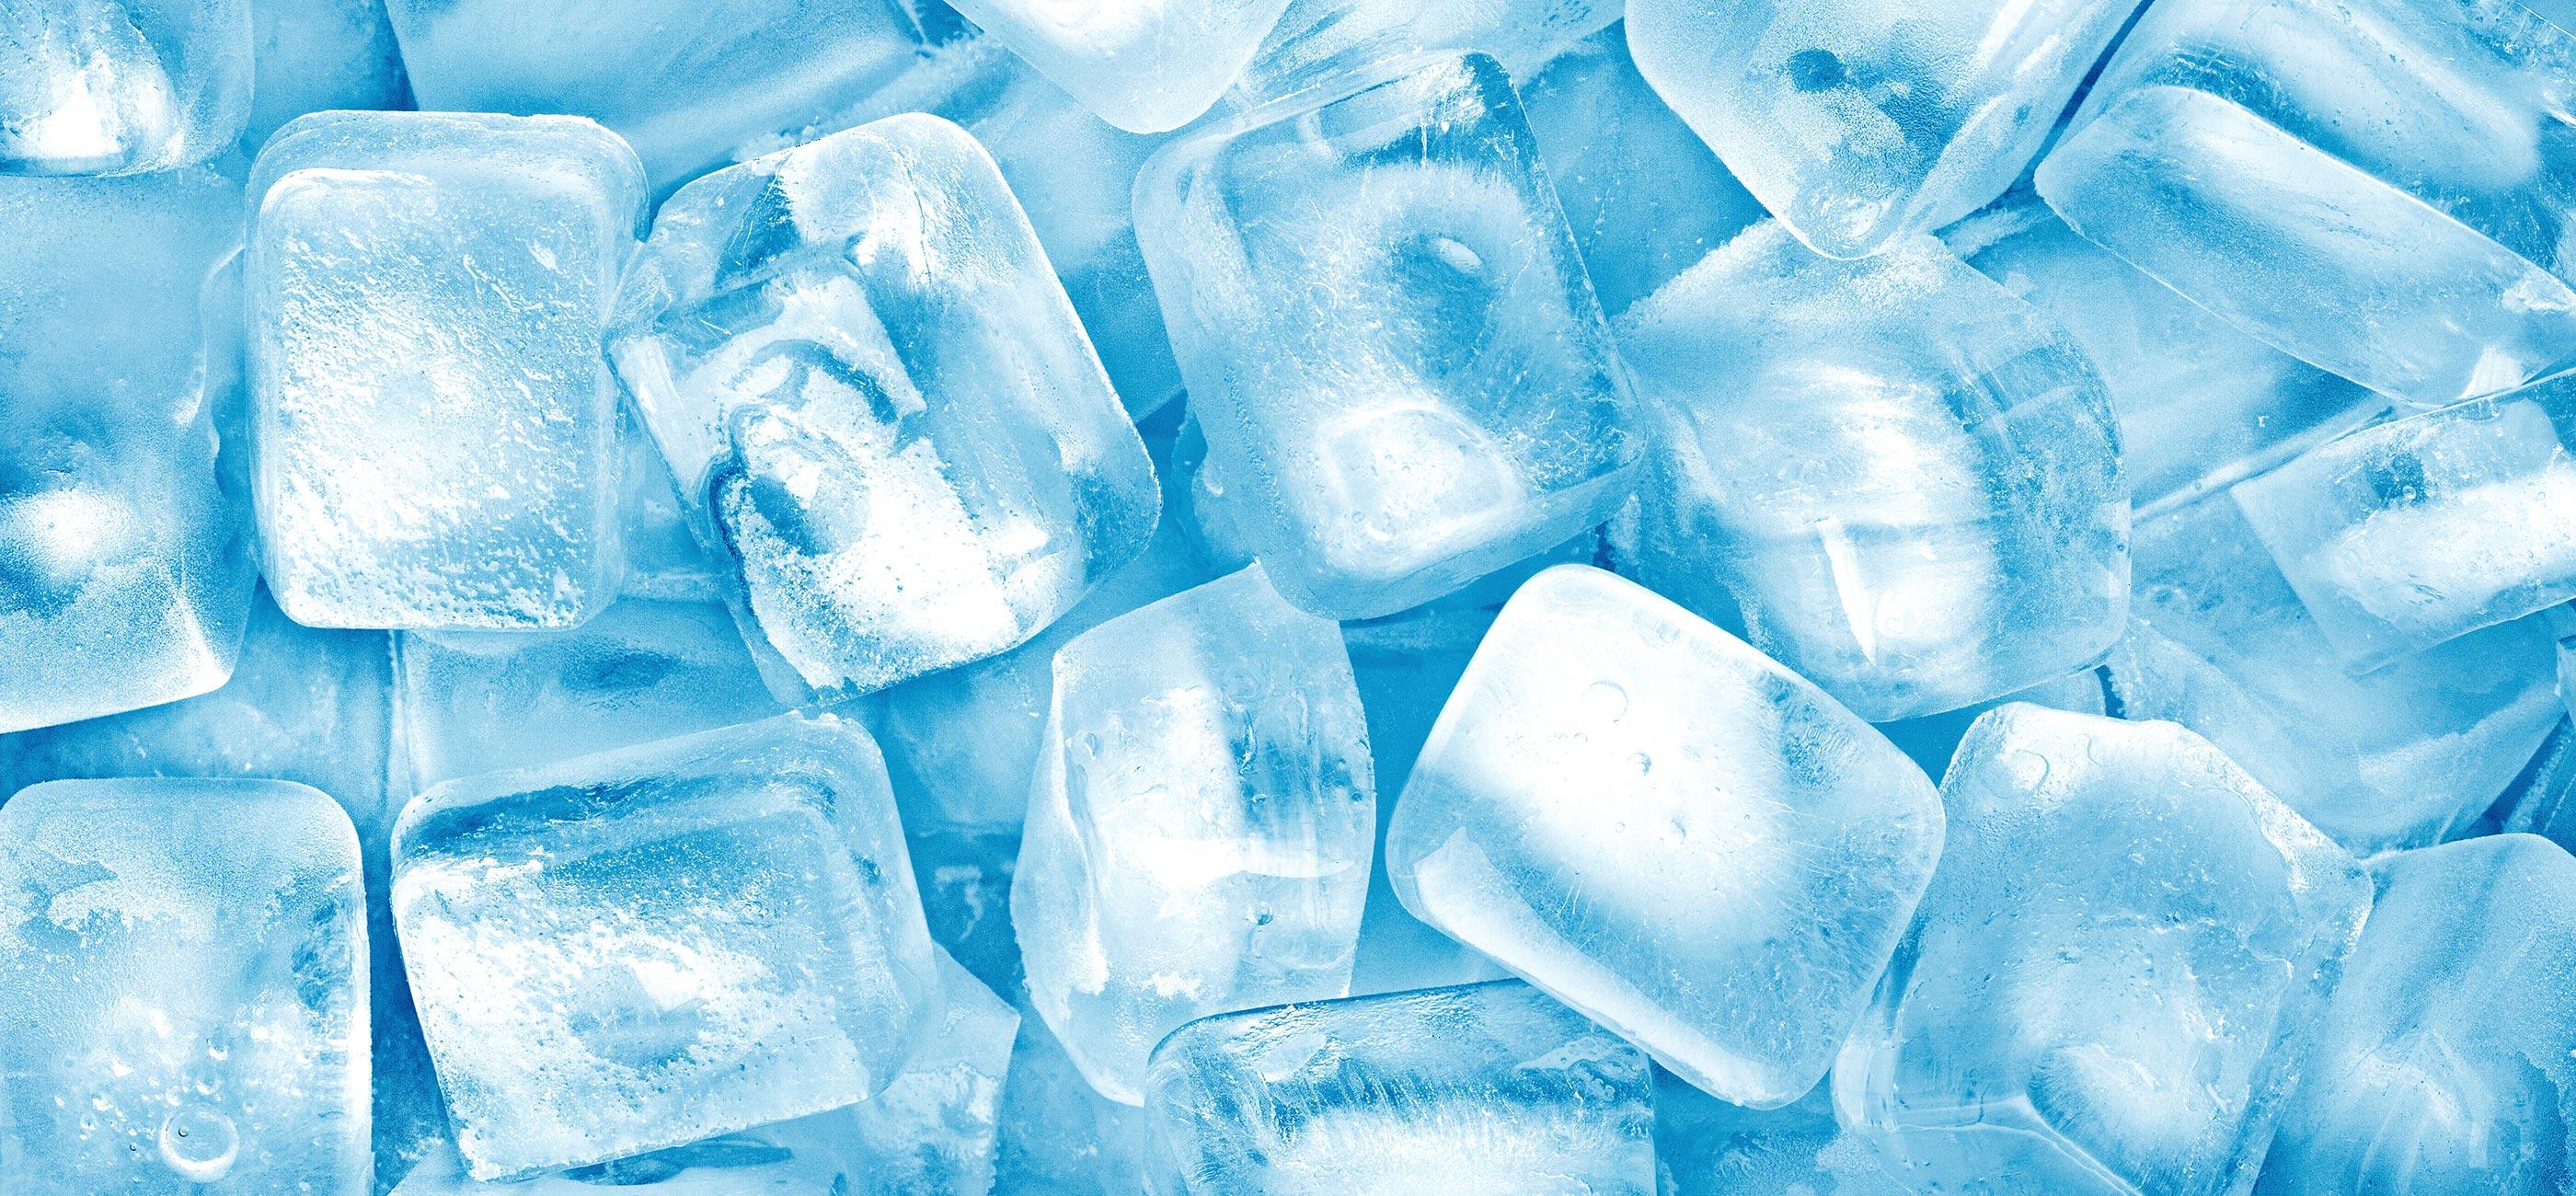 سرمای زیاد یخچال